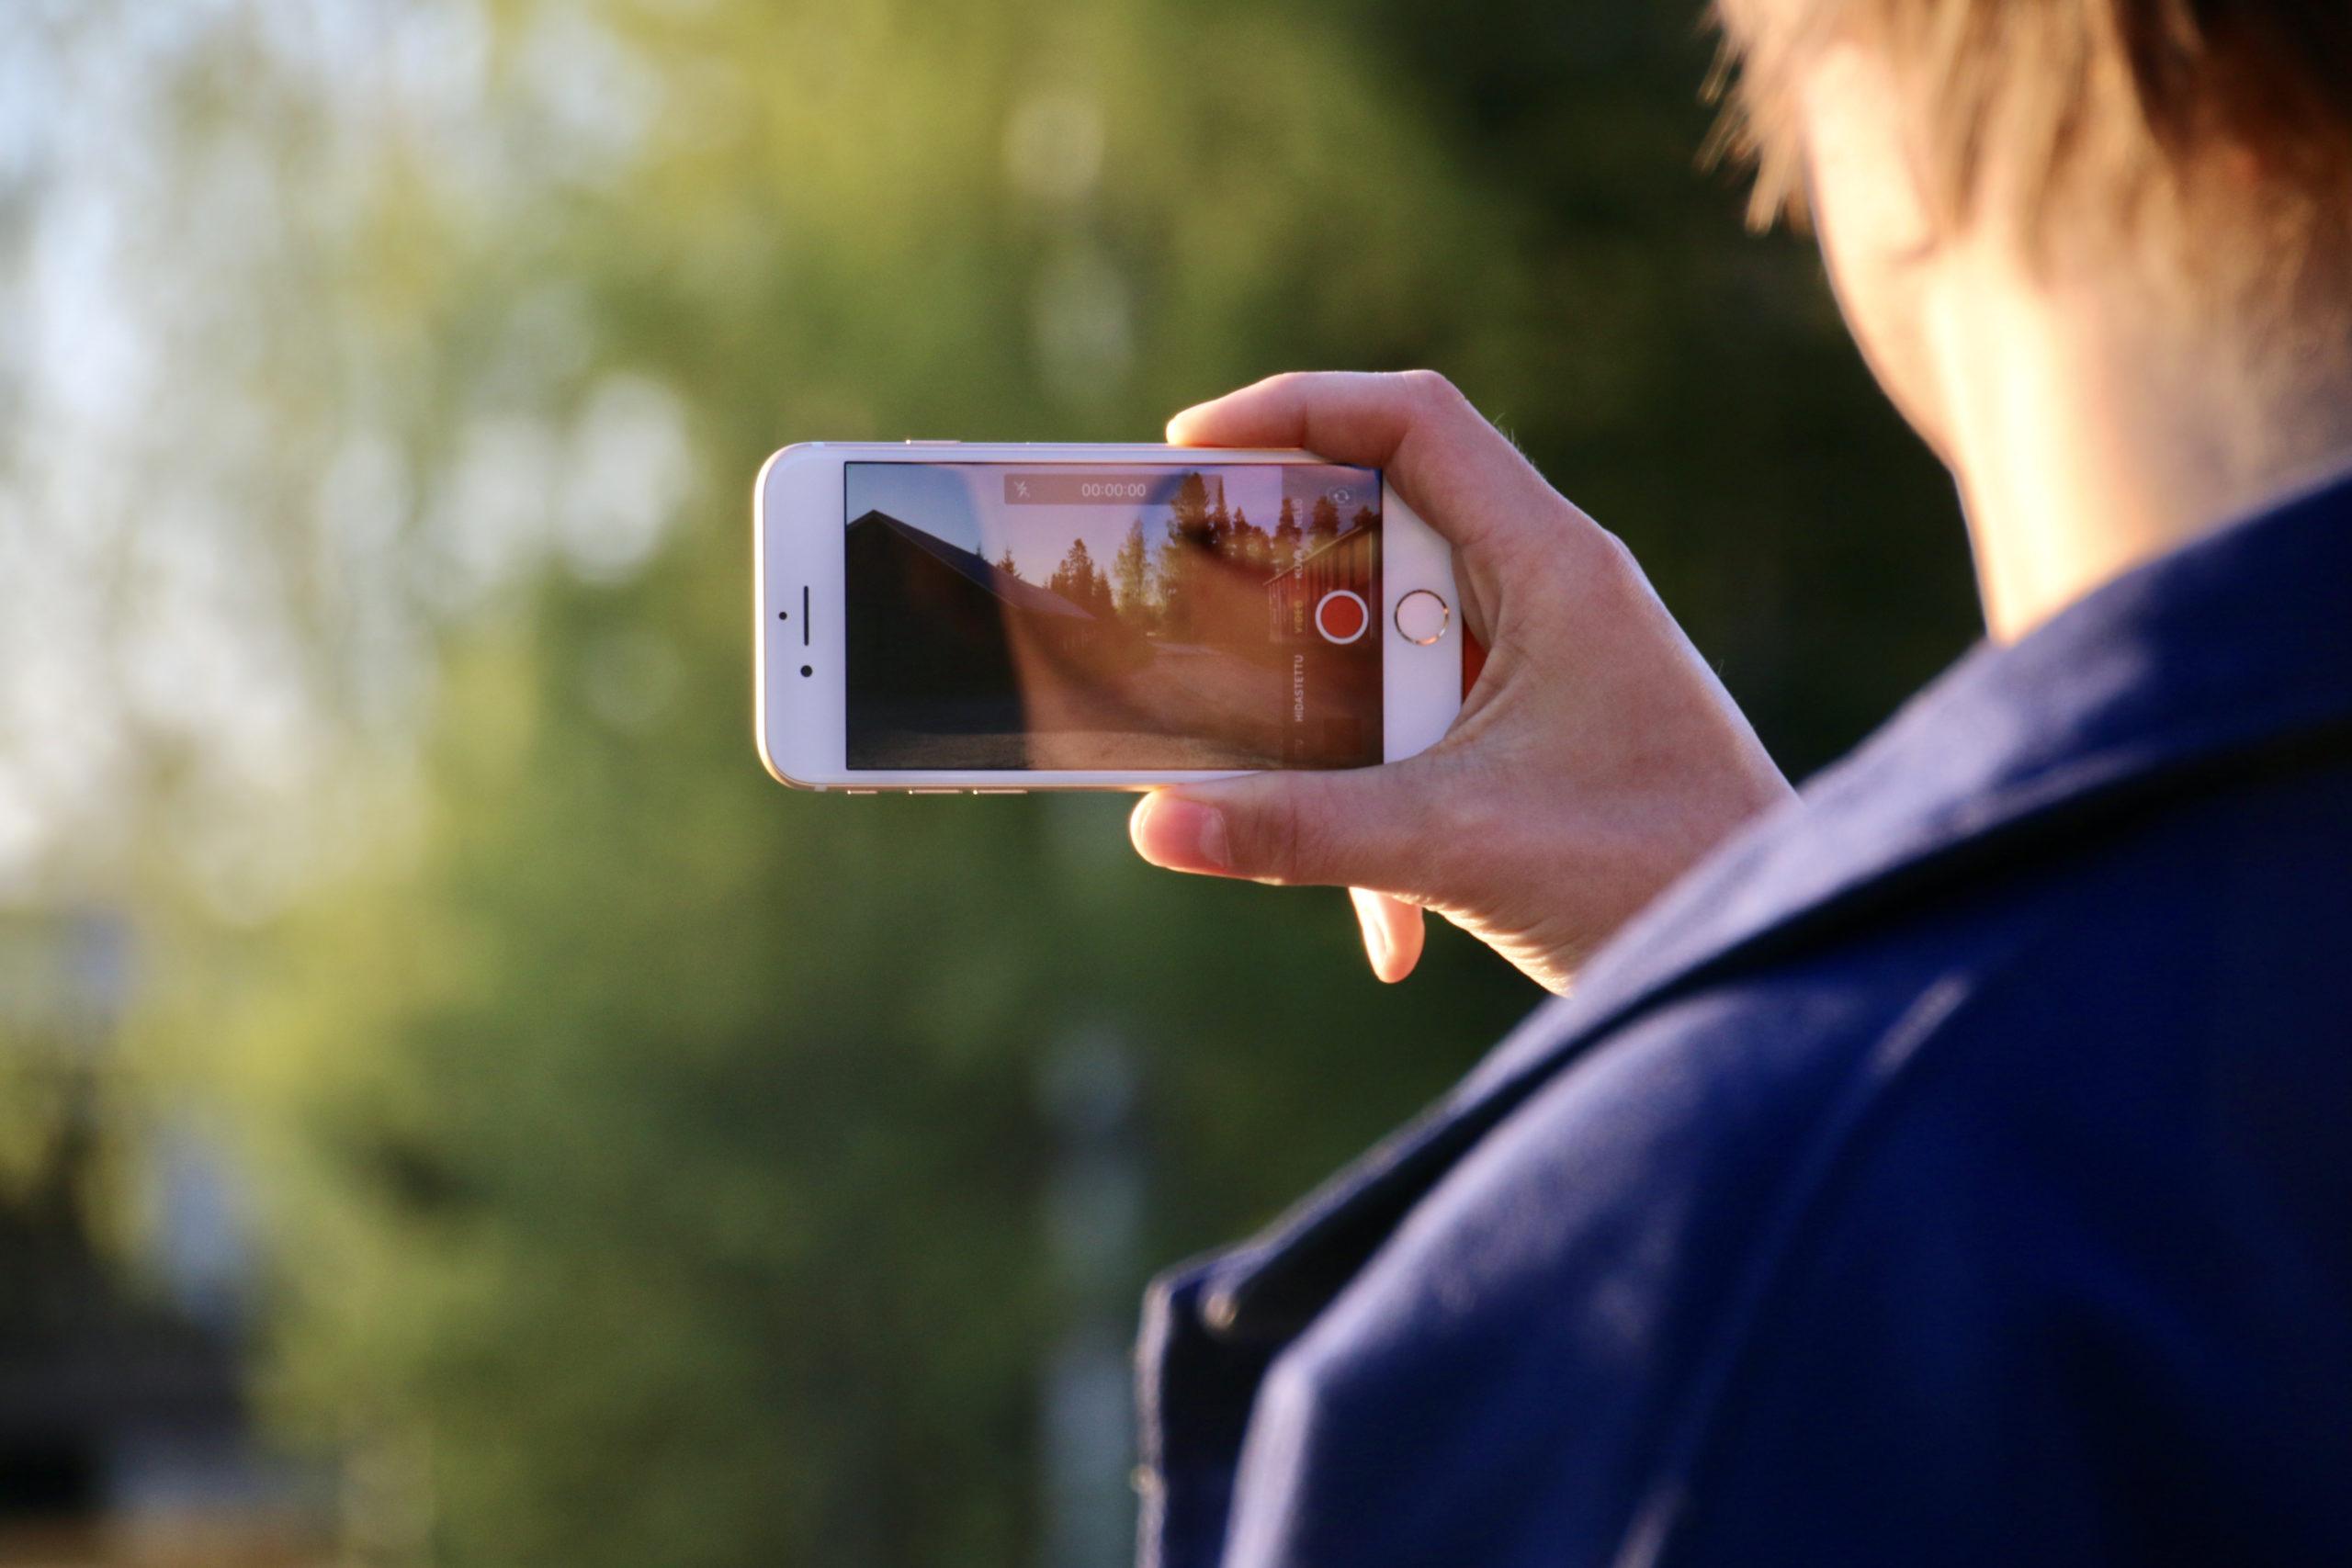 Selin kameraan oleva nuori mies pitää kädessään kännykkää, jolla hän ottaa kuvaa itsestään. Kännykkäkameran ruudulla näkyy hymyilevä suu.